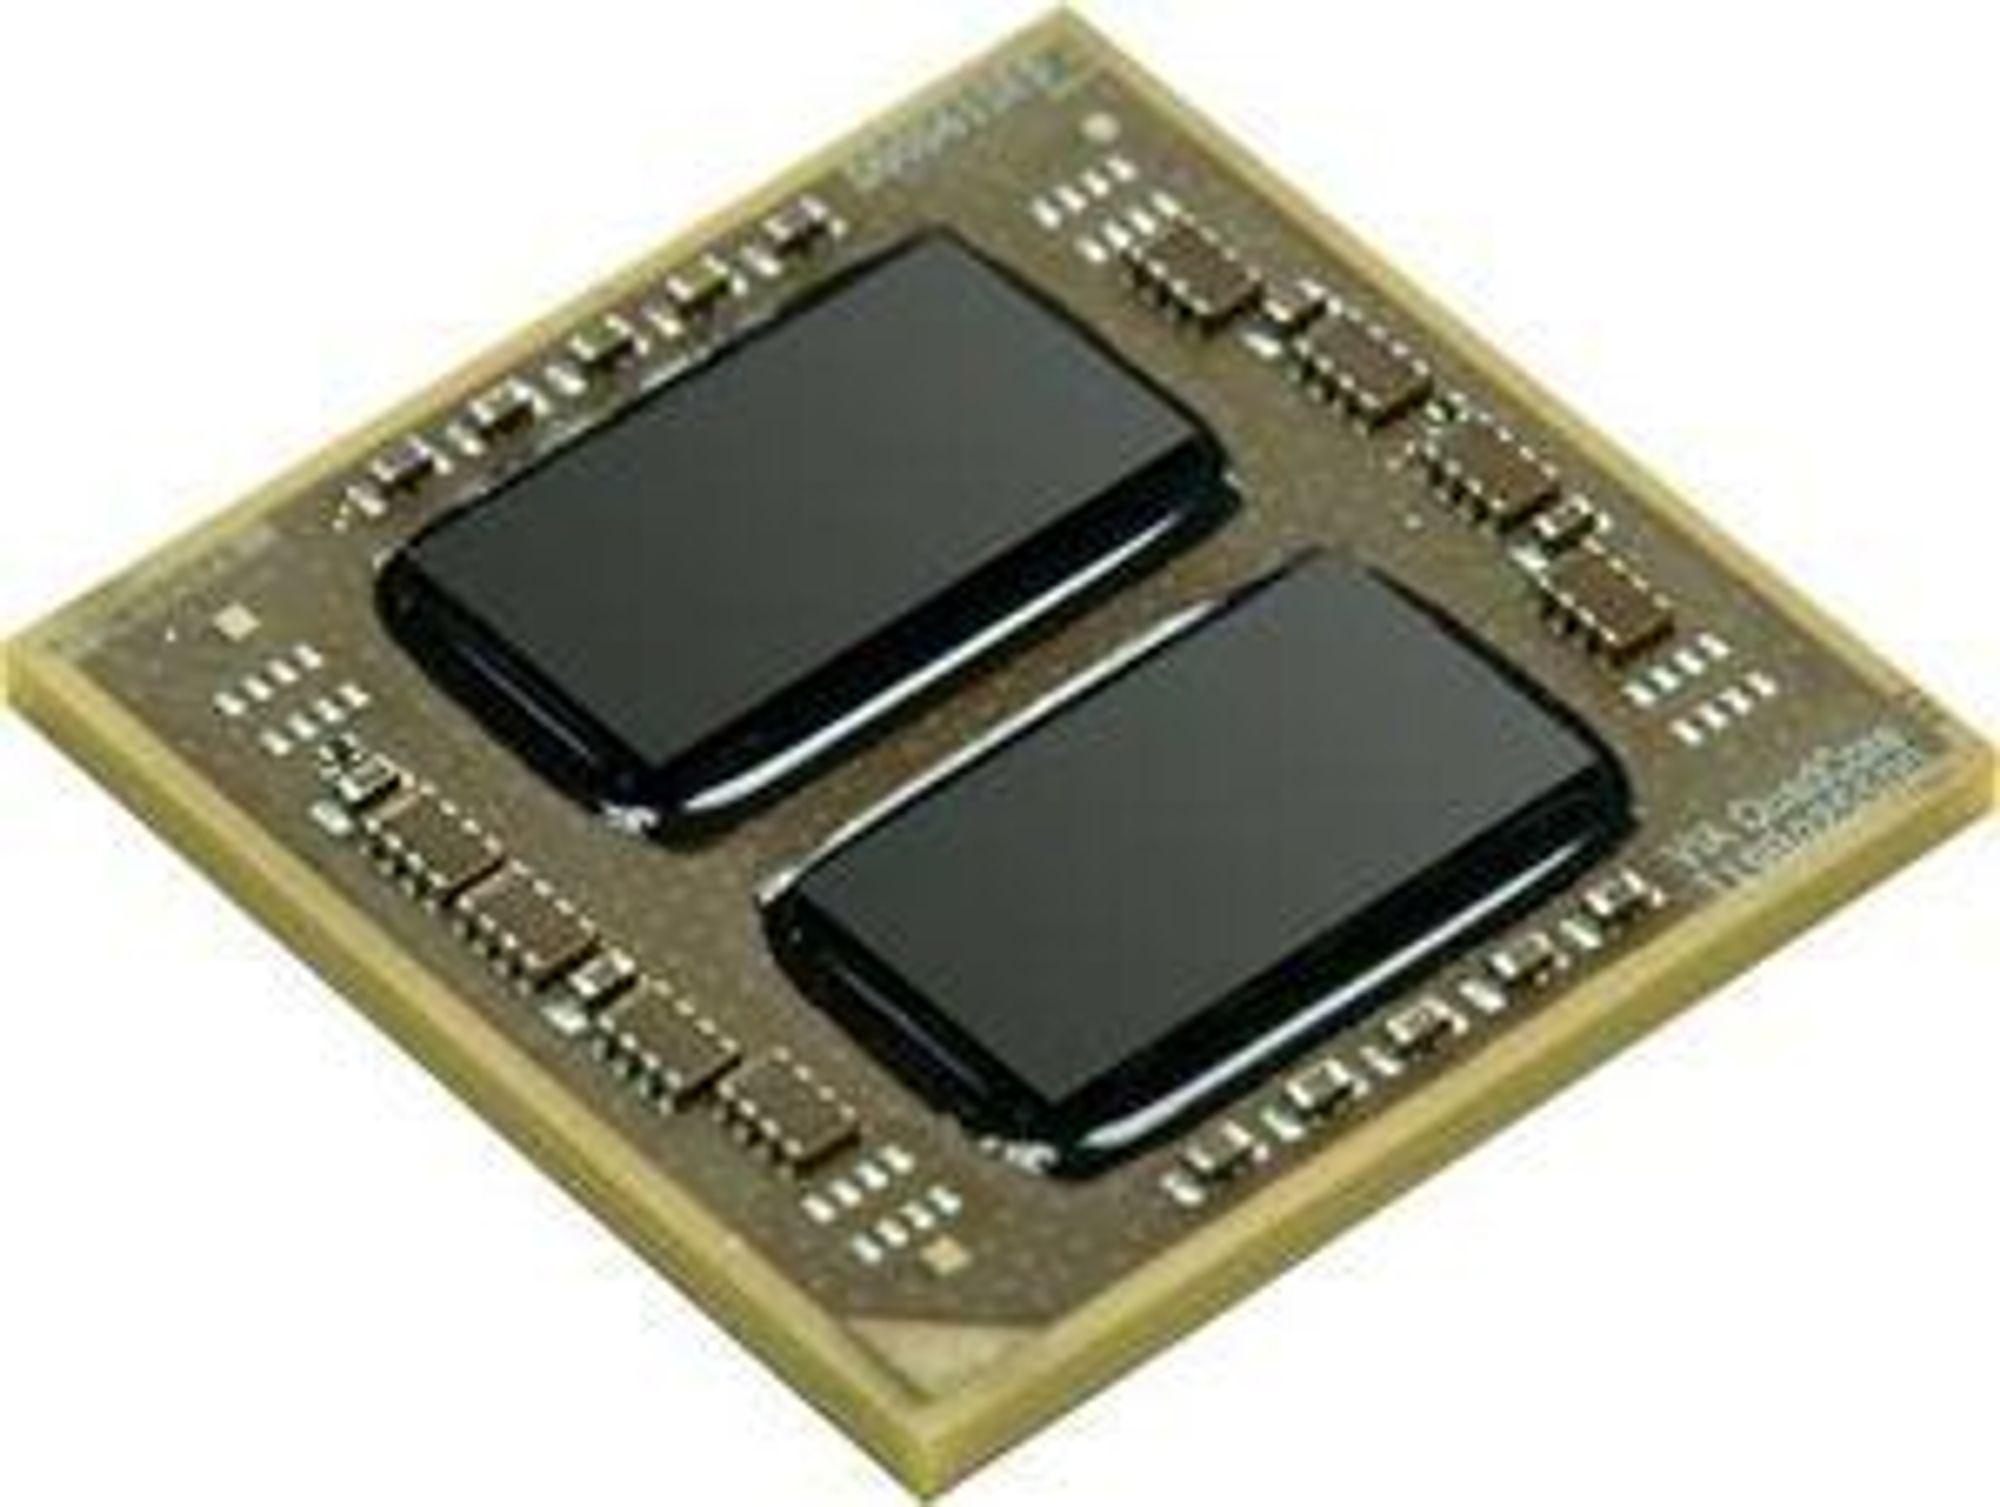 VIA QuadCore består av to  silisiumbrikker som er satte sammen på et kretskort. Til sammen tilbyr brikkene fire prosessorkjerner.